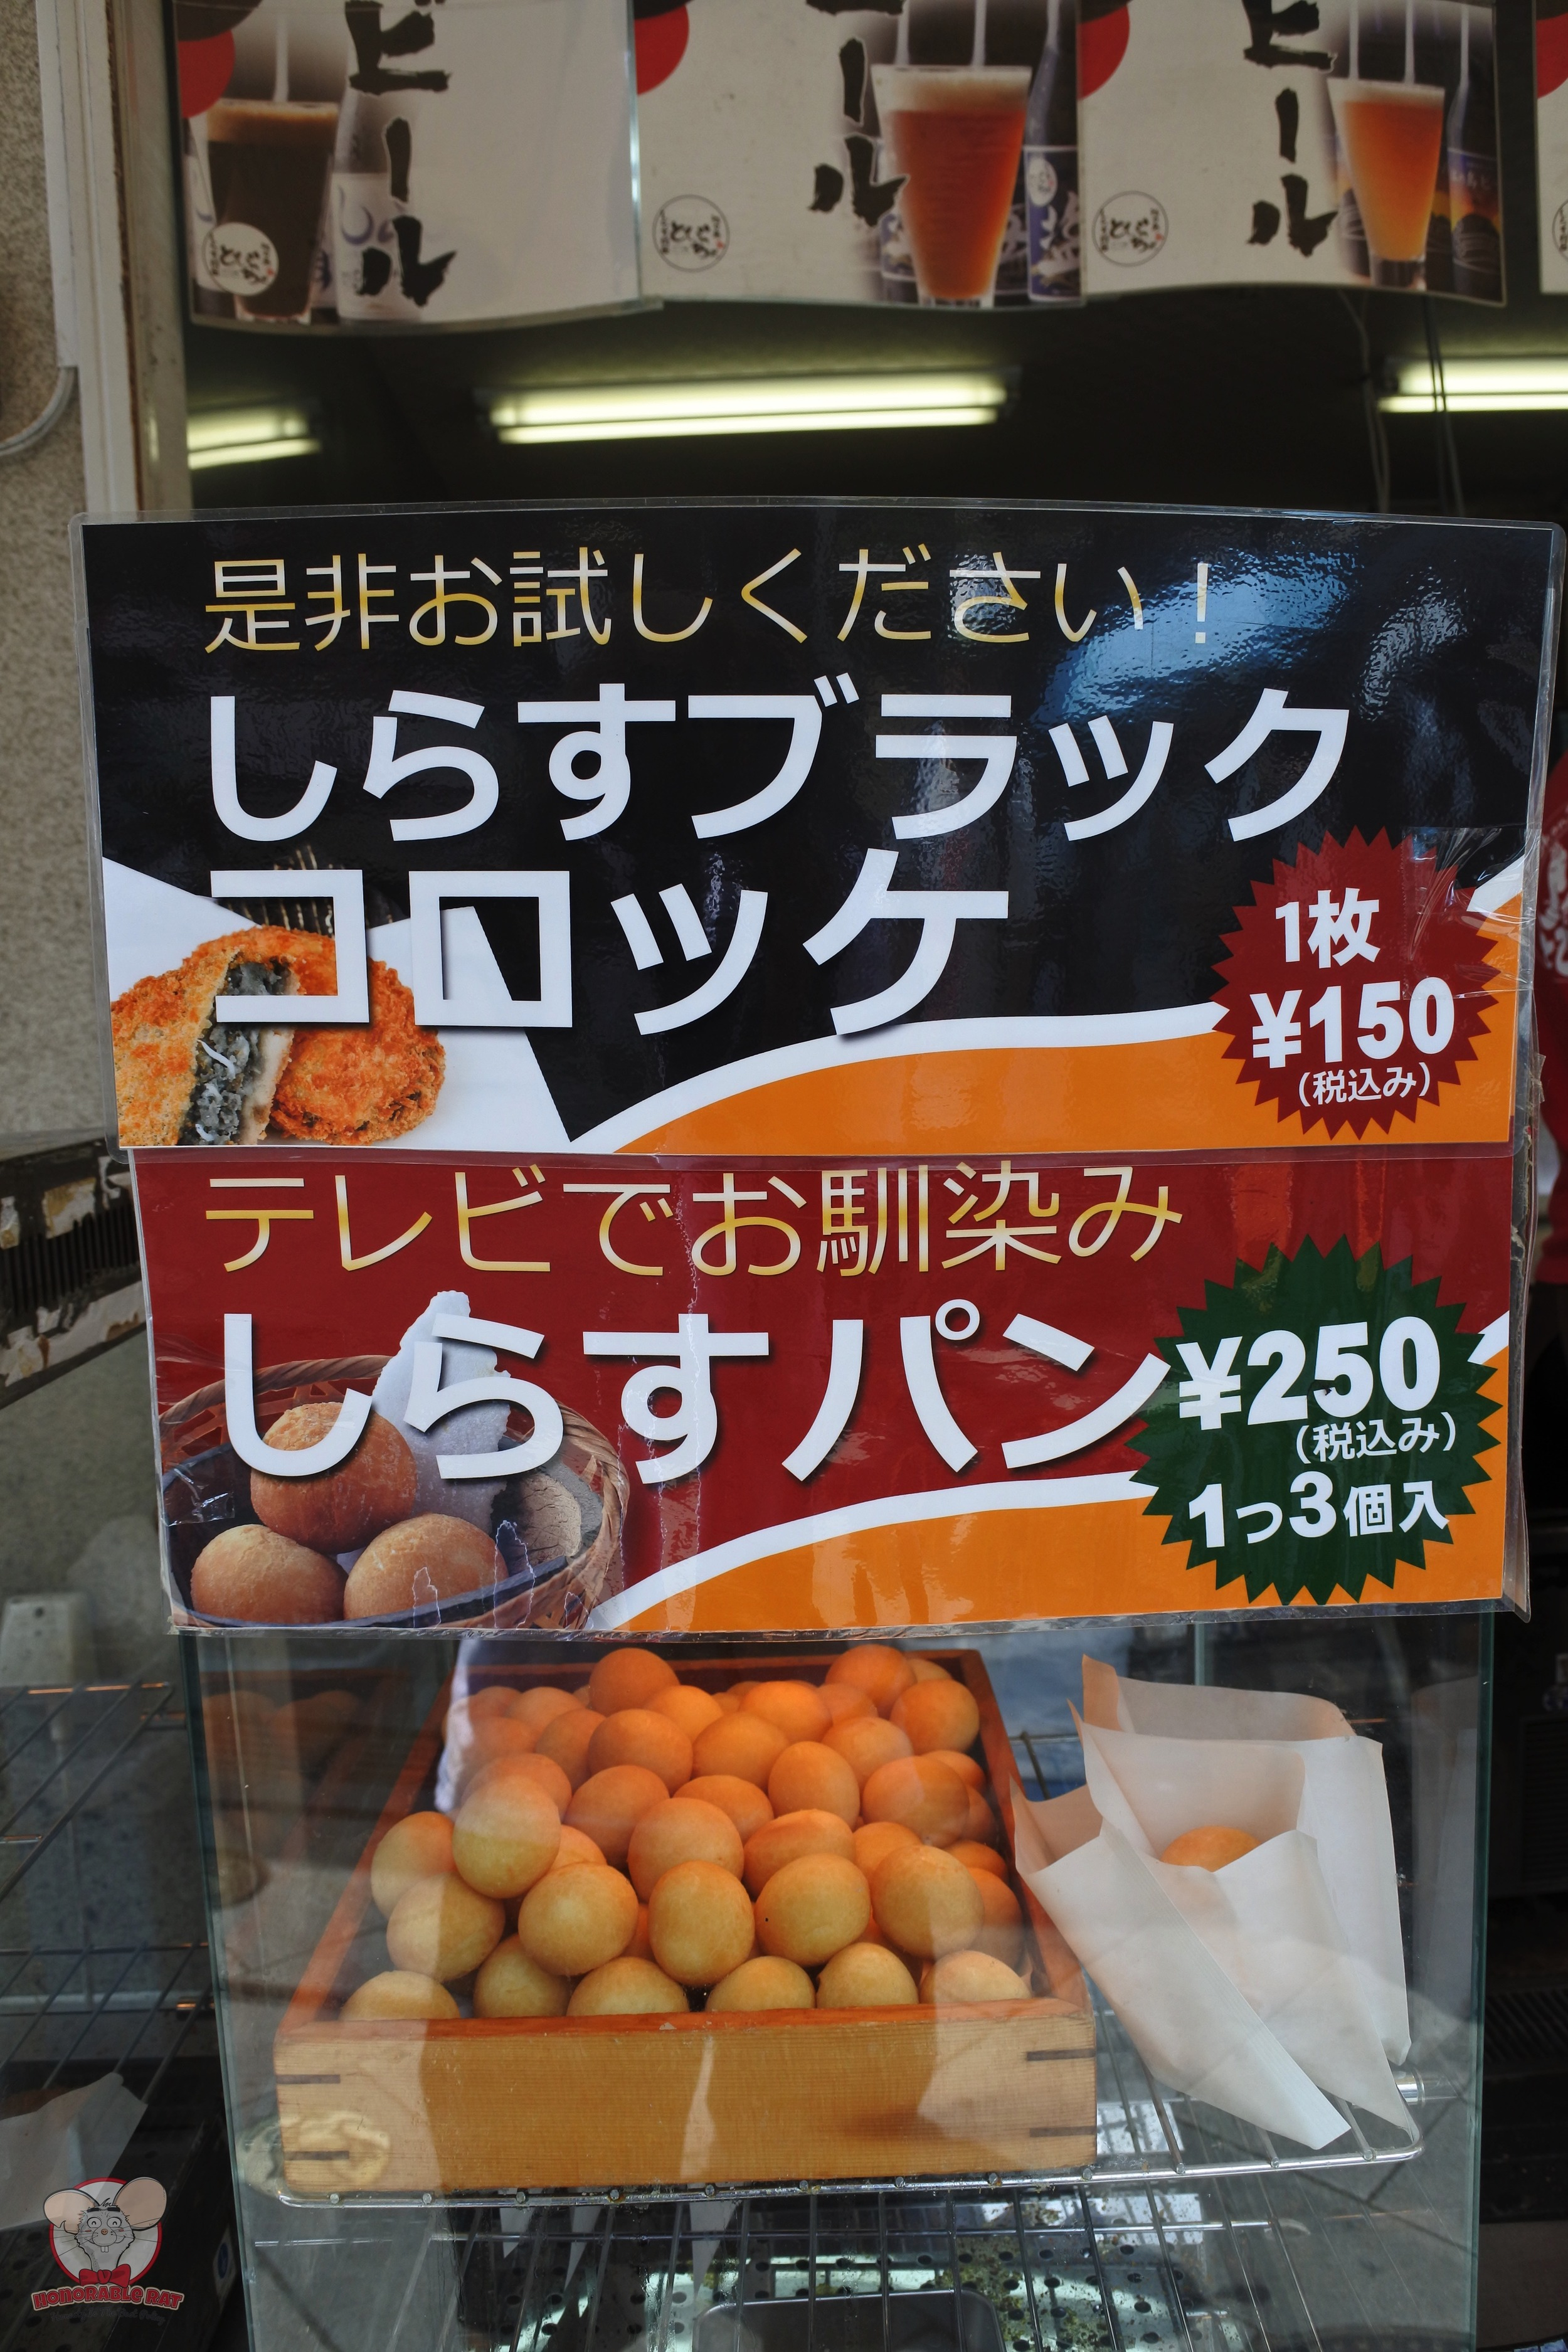 Stall outside Tobiccho selling Shirasu Pan